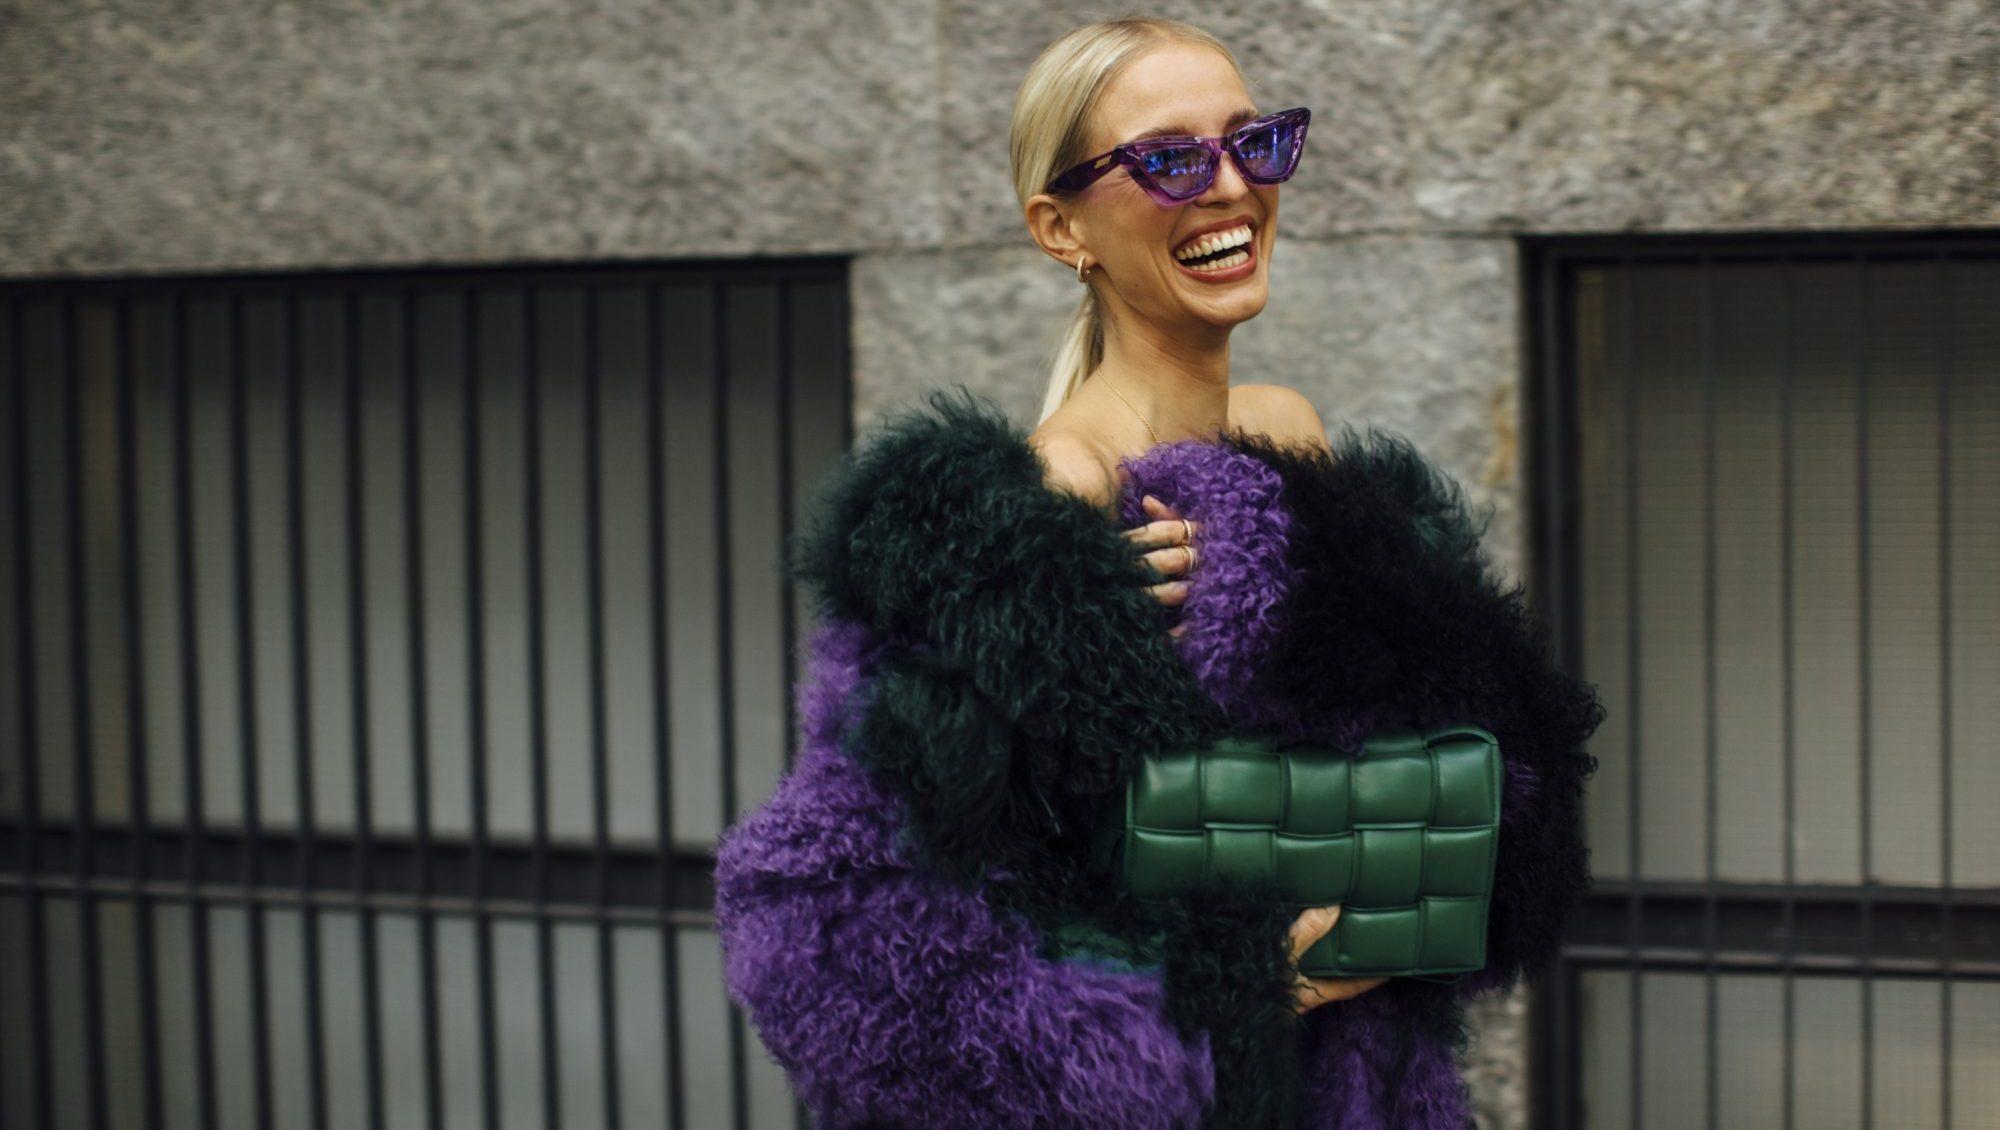 Το street style στην Εβδομάδα Μόδας του Μιλάνου είναι σκέτη έμπνευση. 6 trends και 12 outfits που θα «δανειστούμε» άμεσα